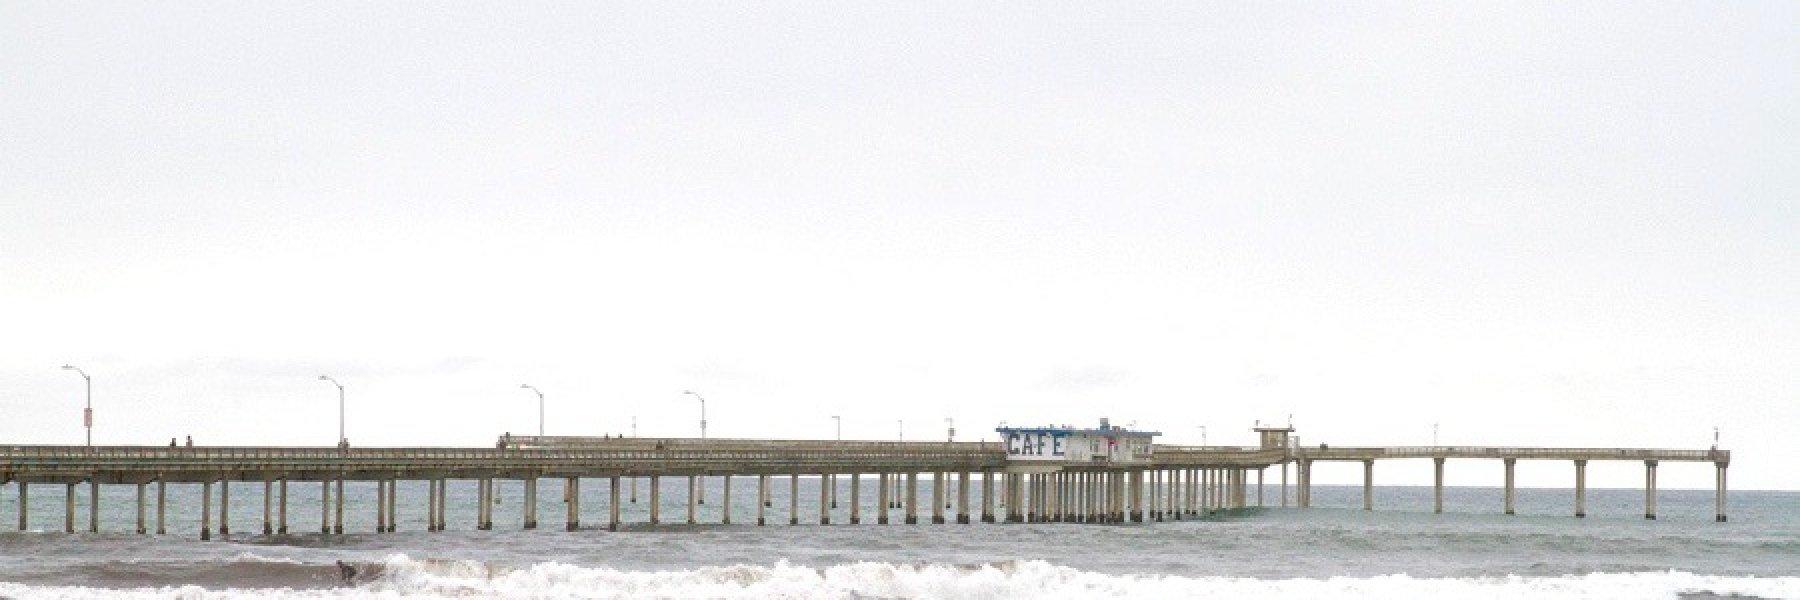 Ocean Beach is a beach front community in San Diego California